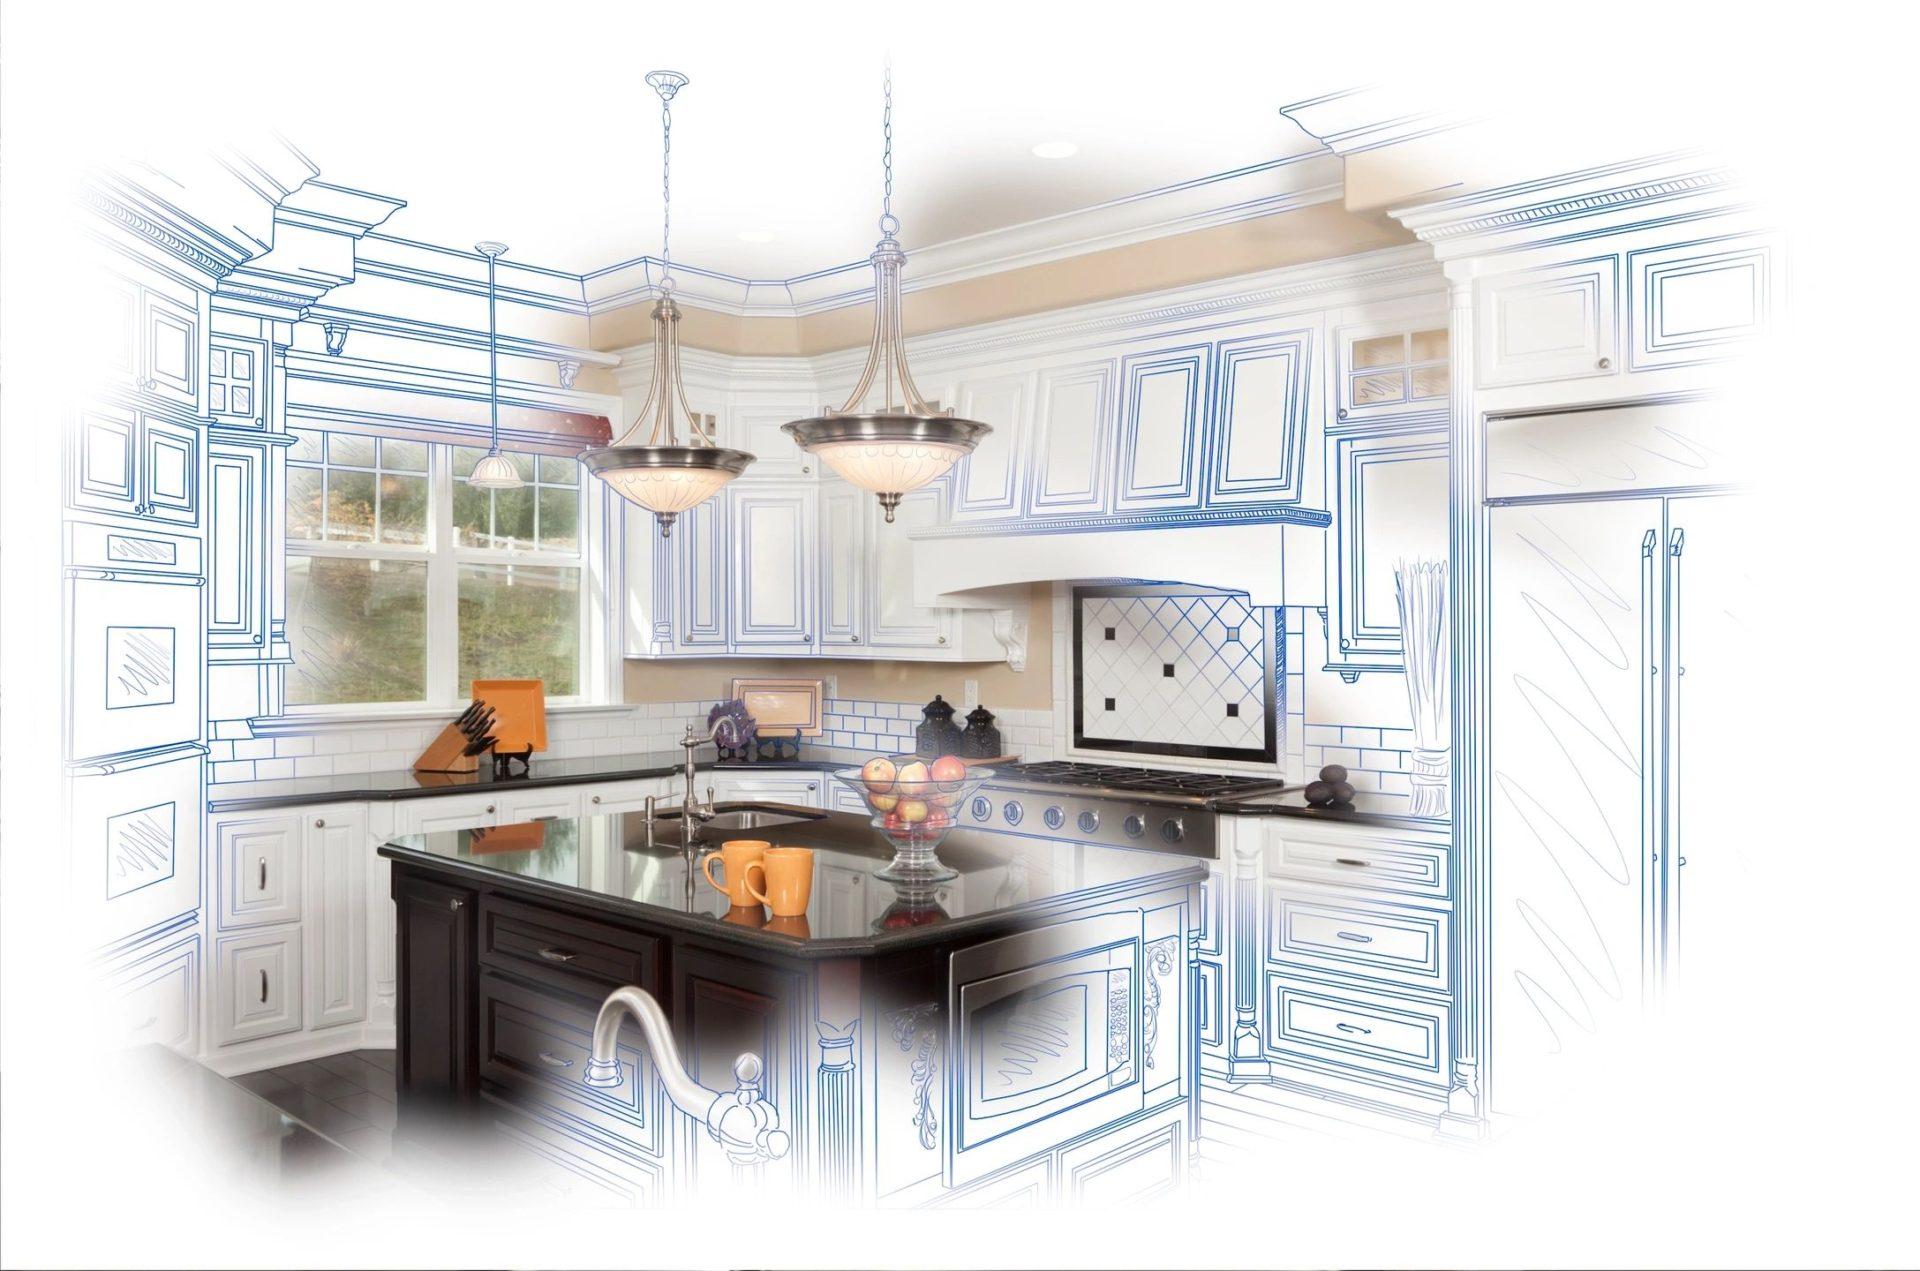 san antonio kitchen remodeling trends 2019 New Generation Kitchen & Bath